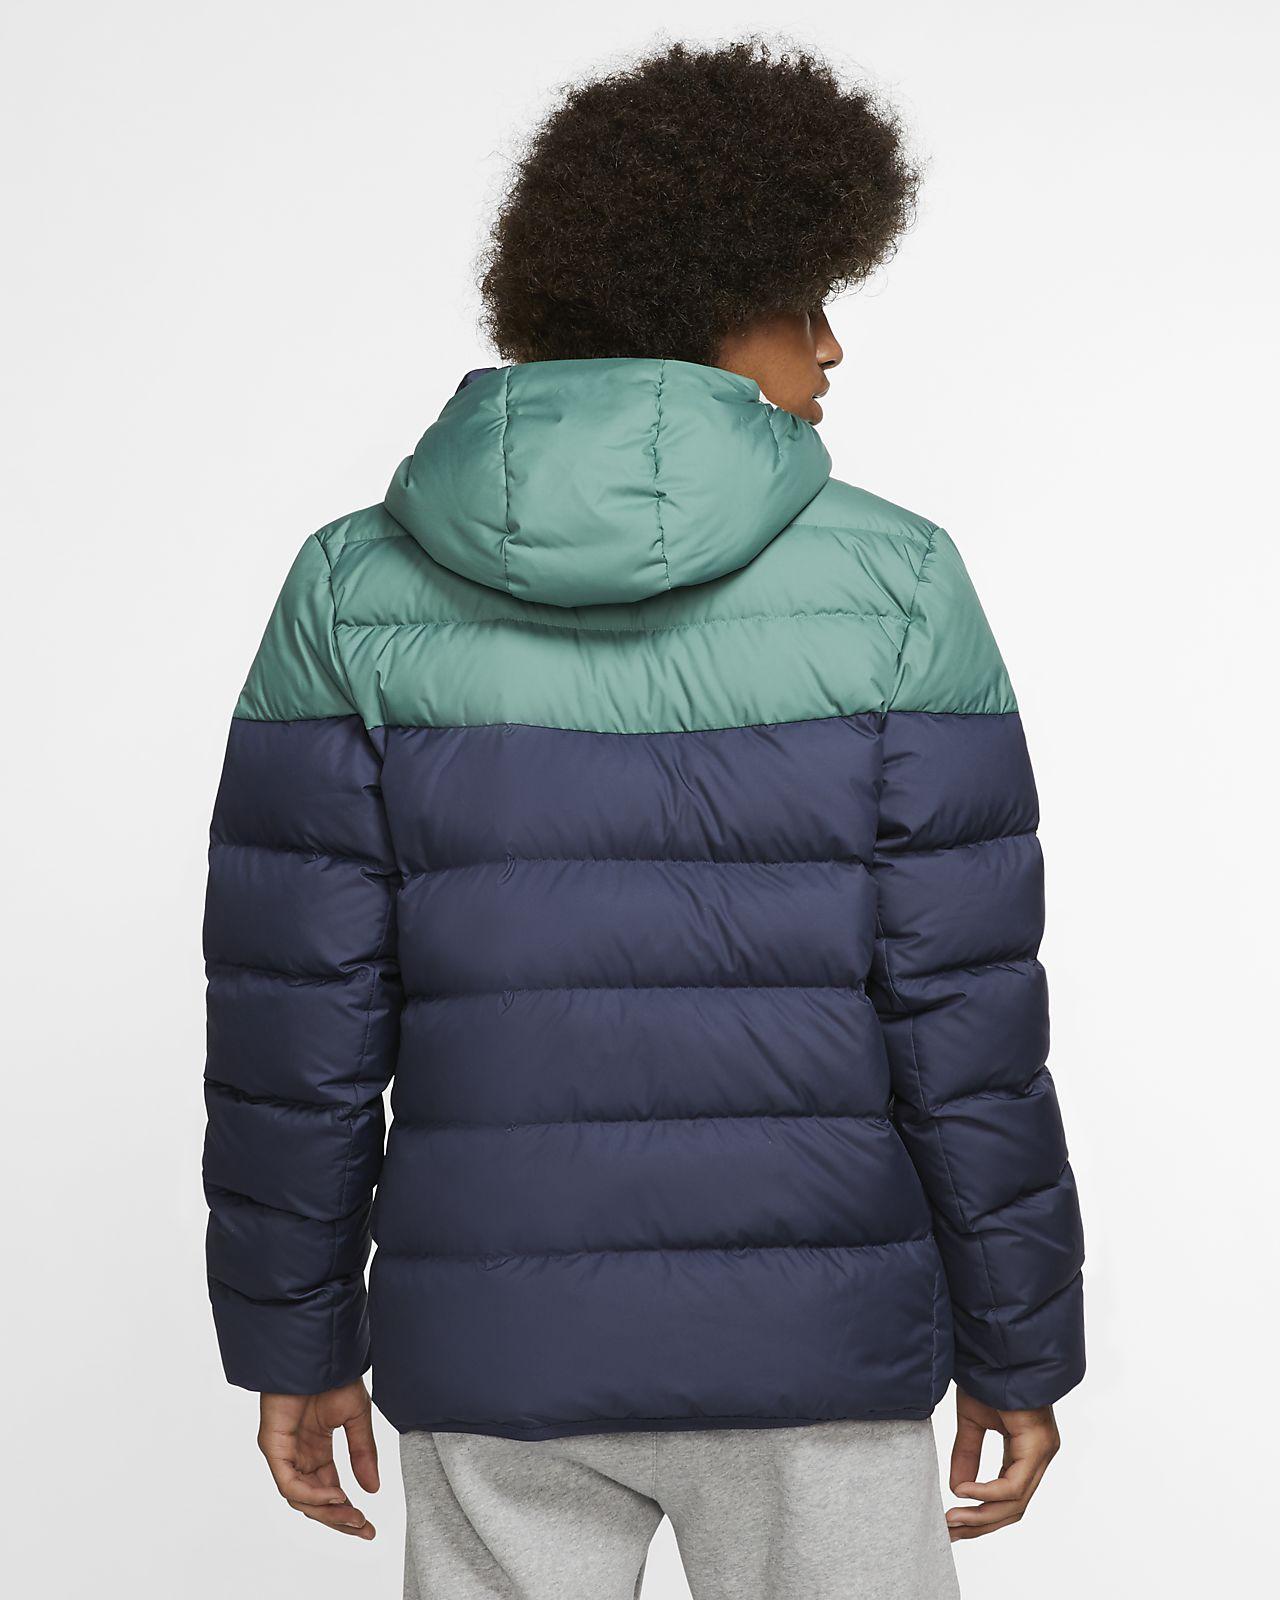 8c5f4246c Nike Sportswear Windrunner Down-Fill Men's Hooded Jacket